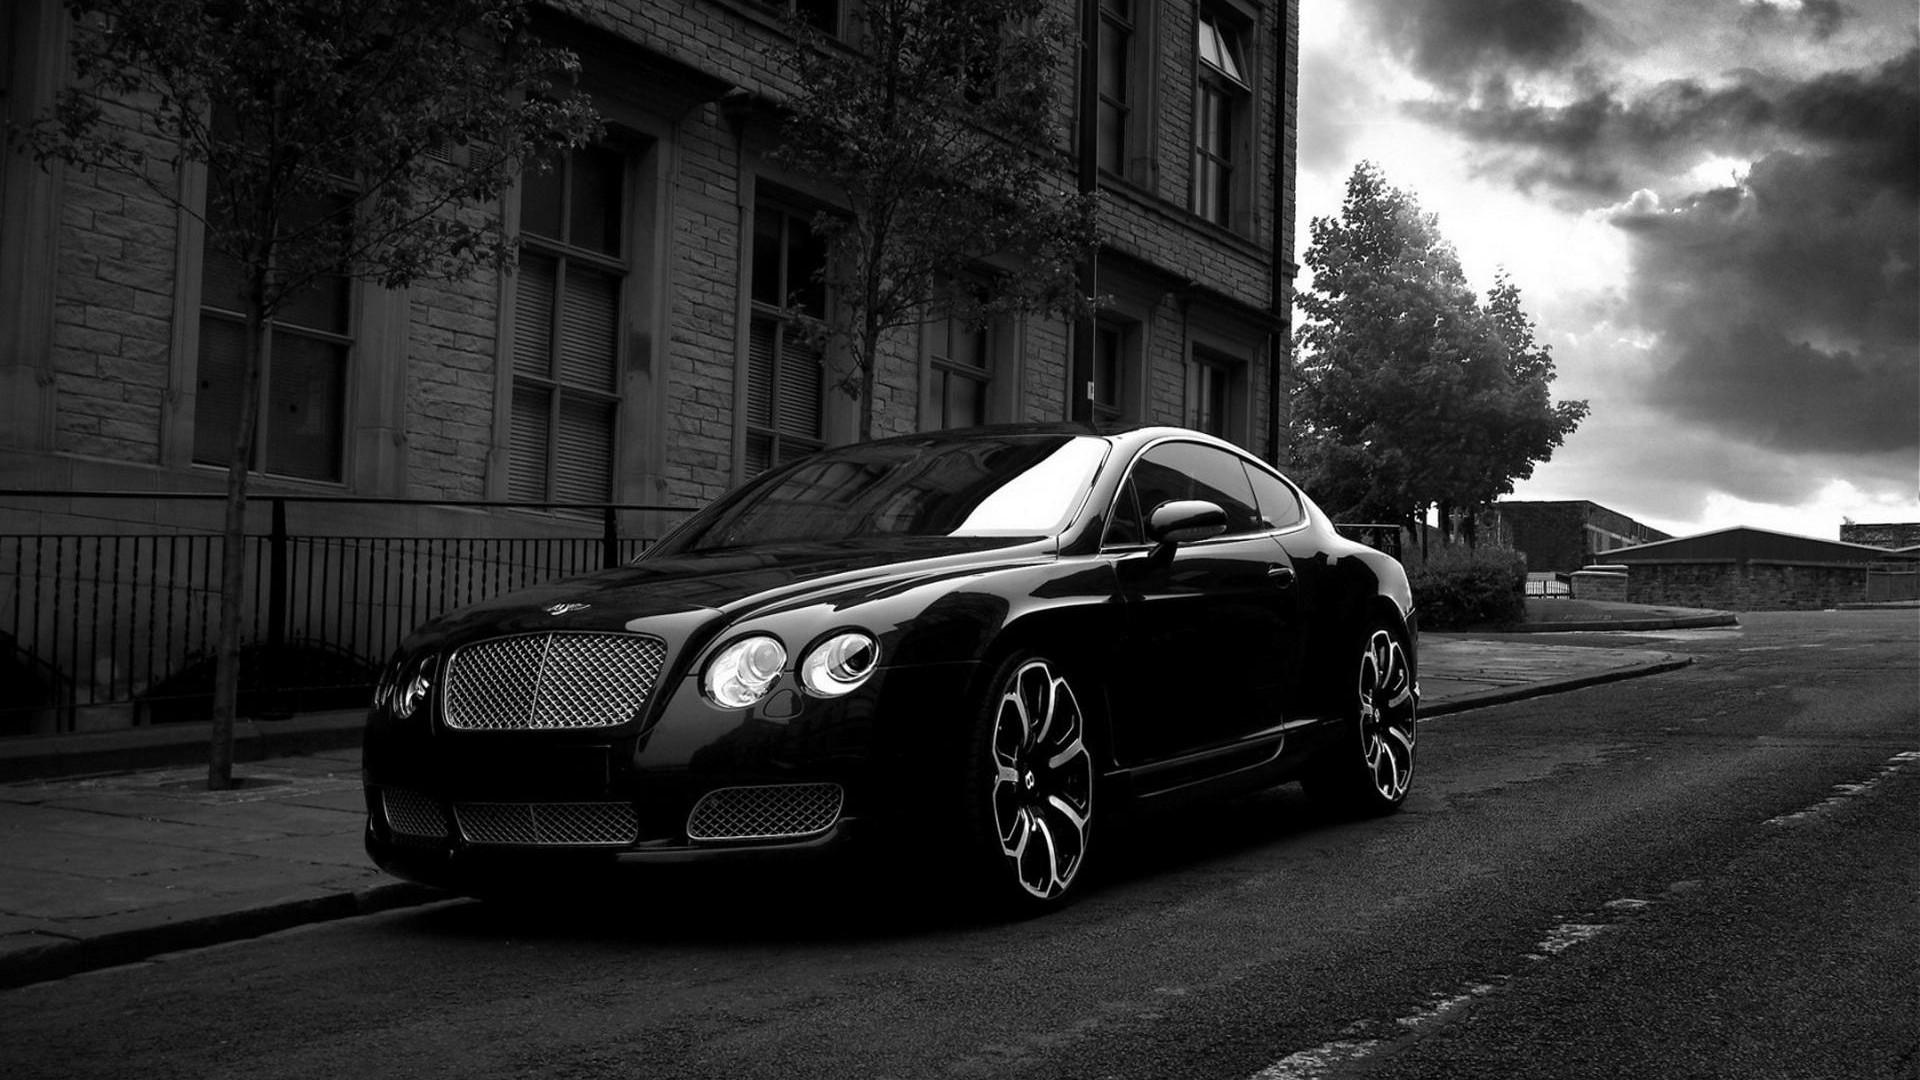 Bentley Wallpaper 1920x1080 47860